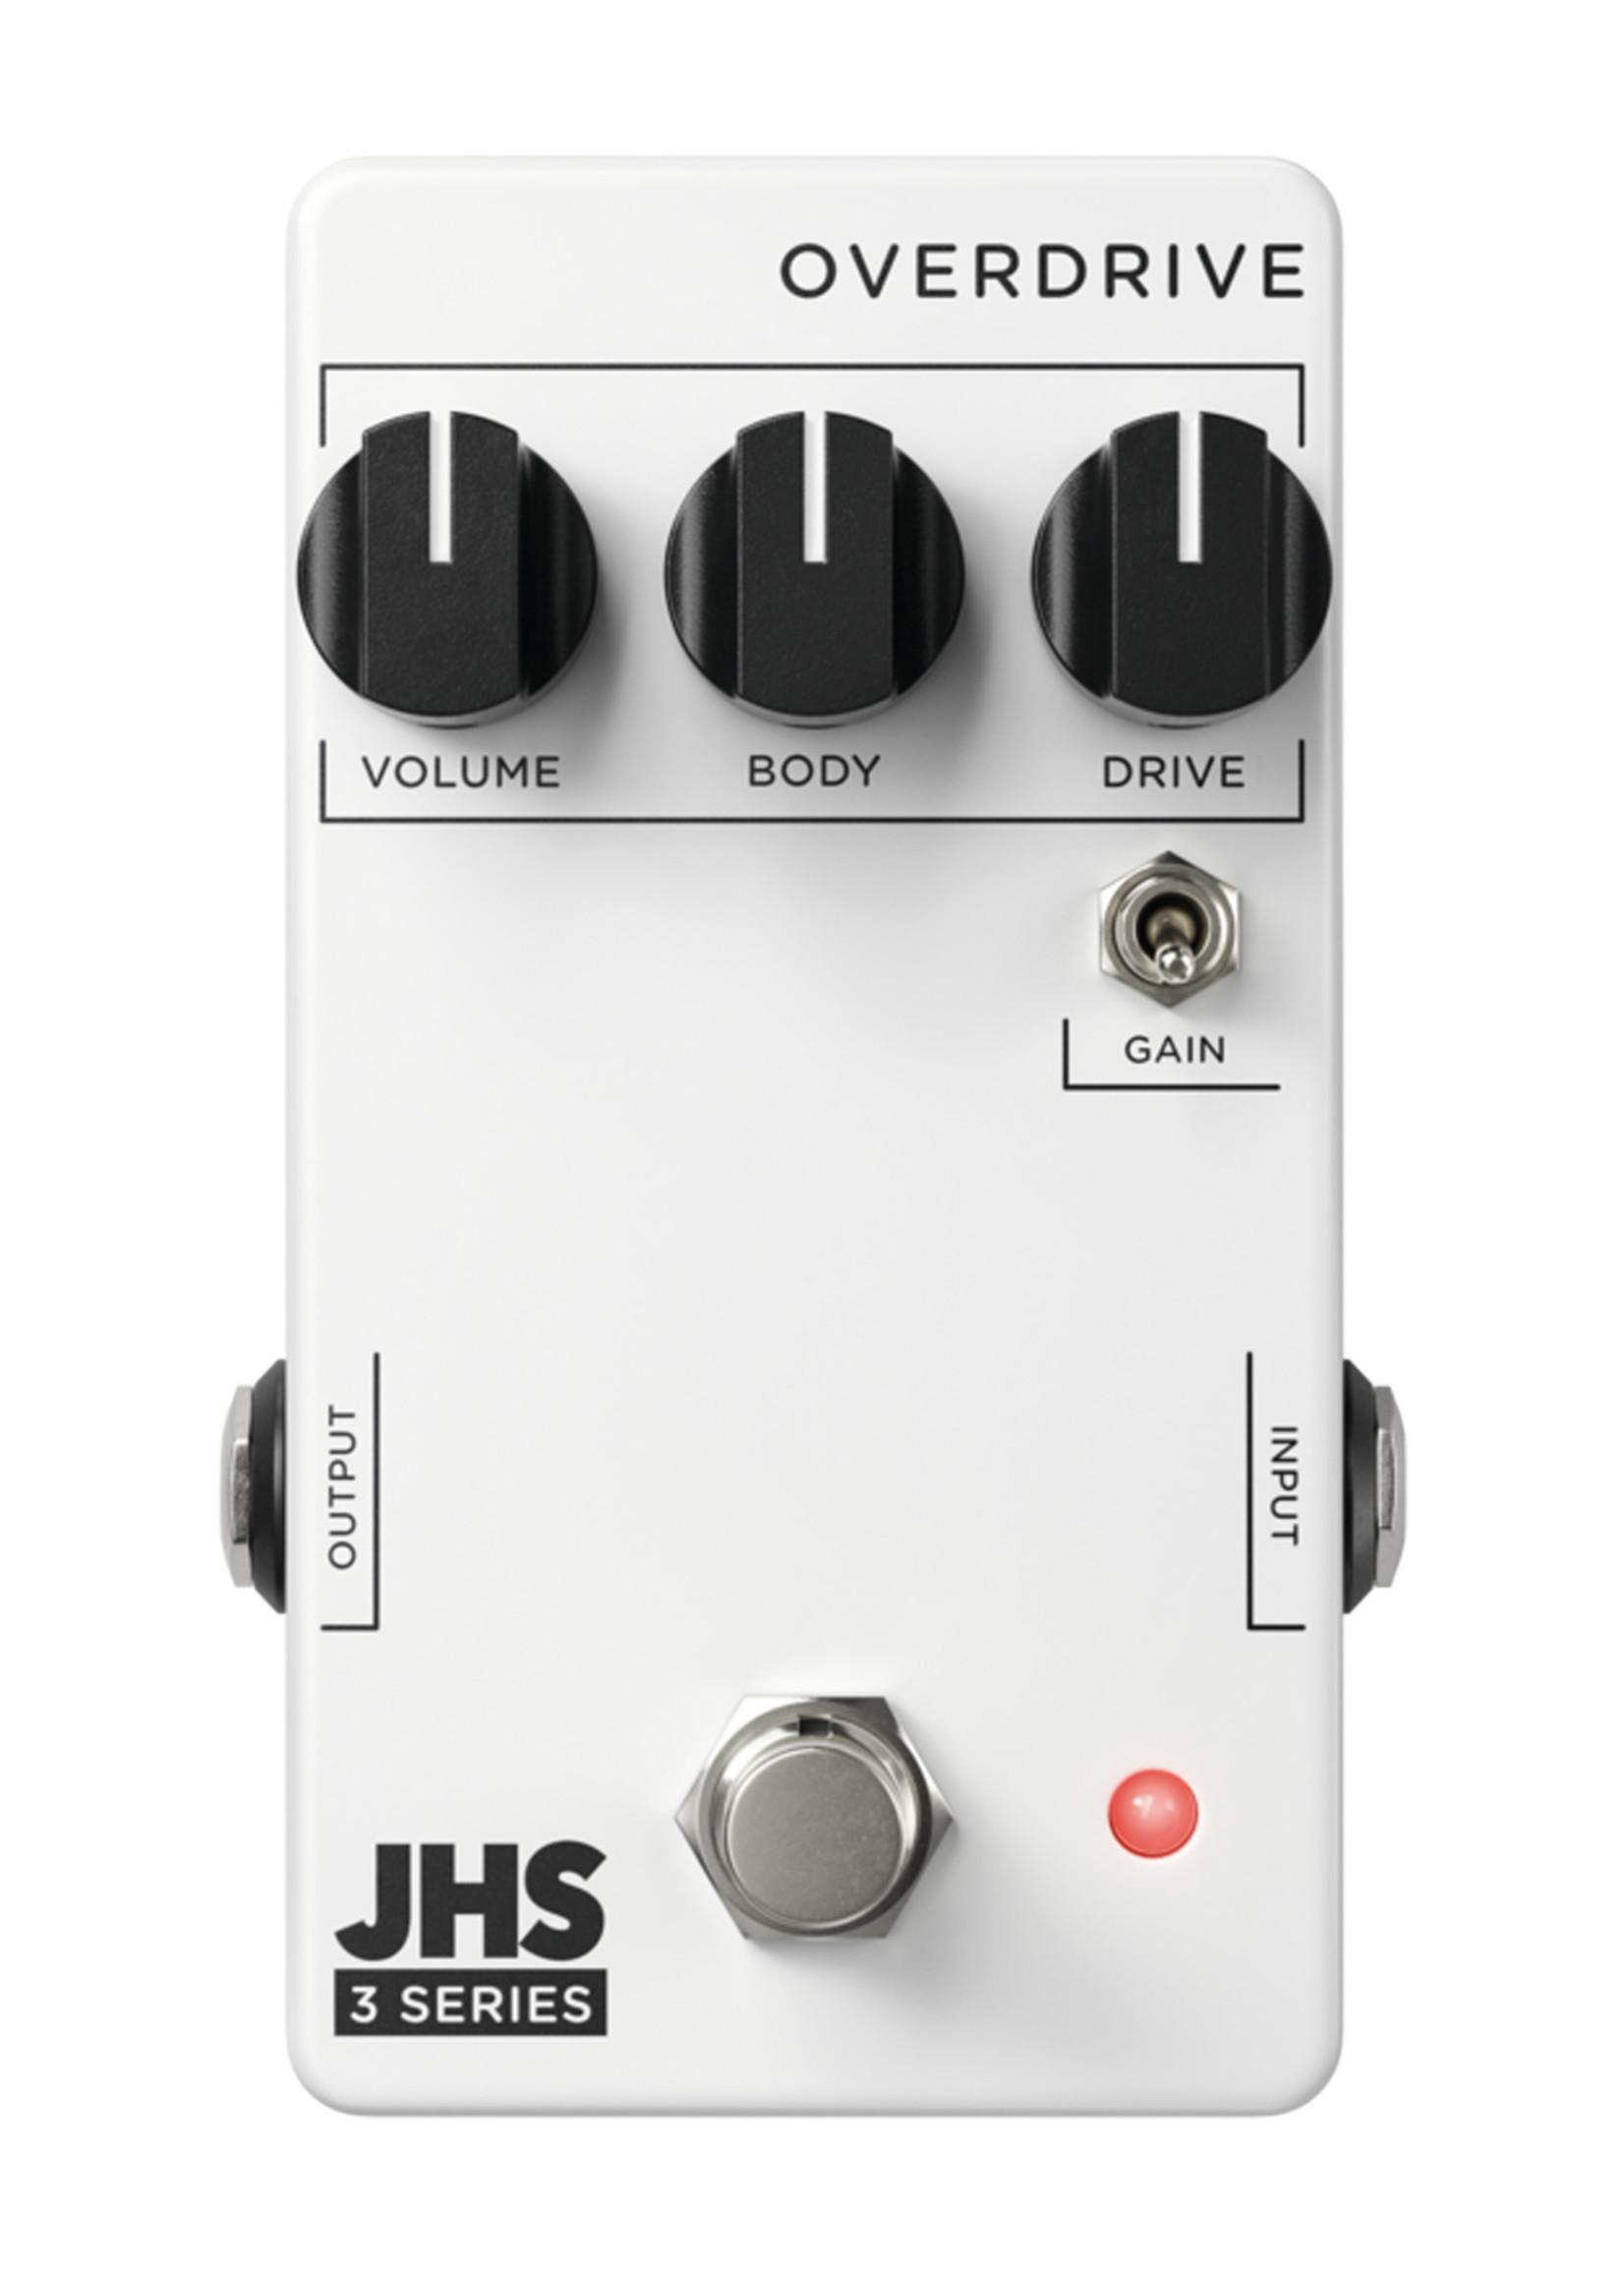 JHS JHS 3 Series Overdrive